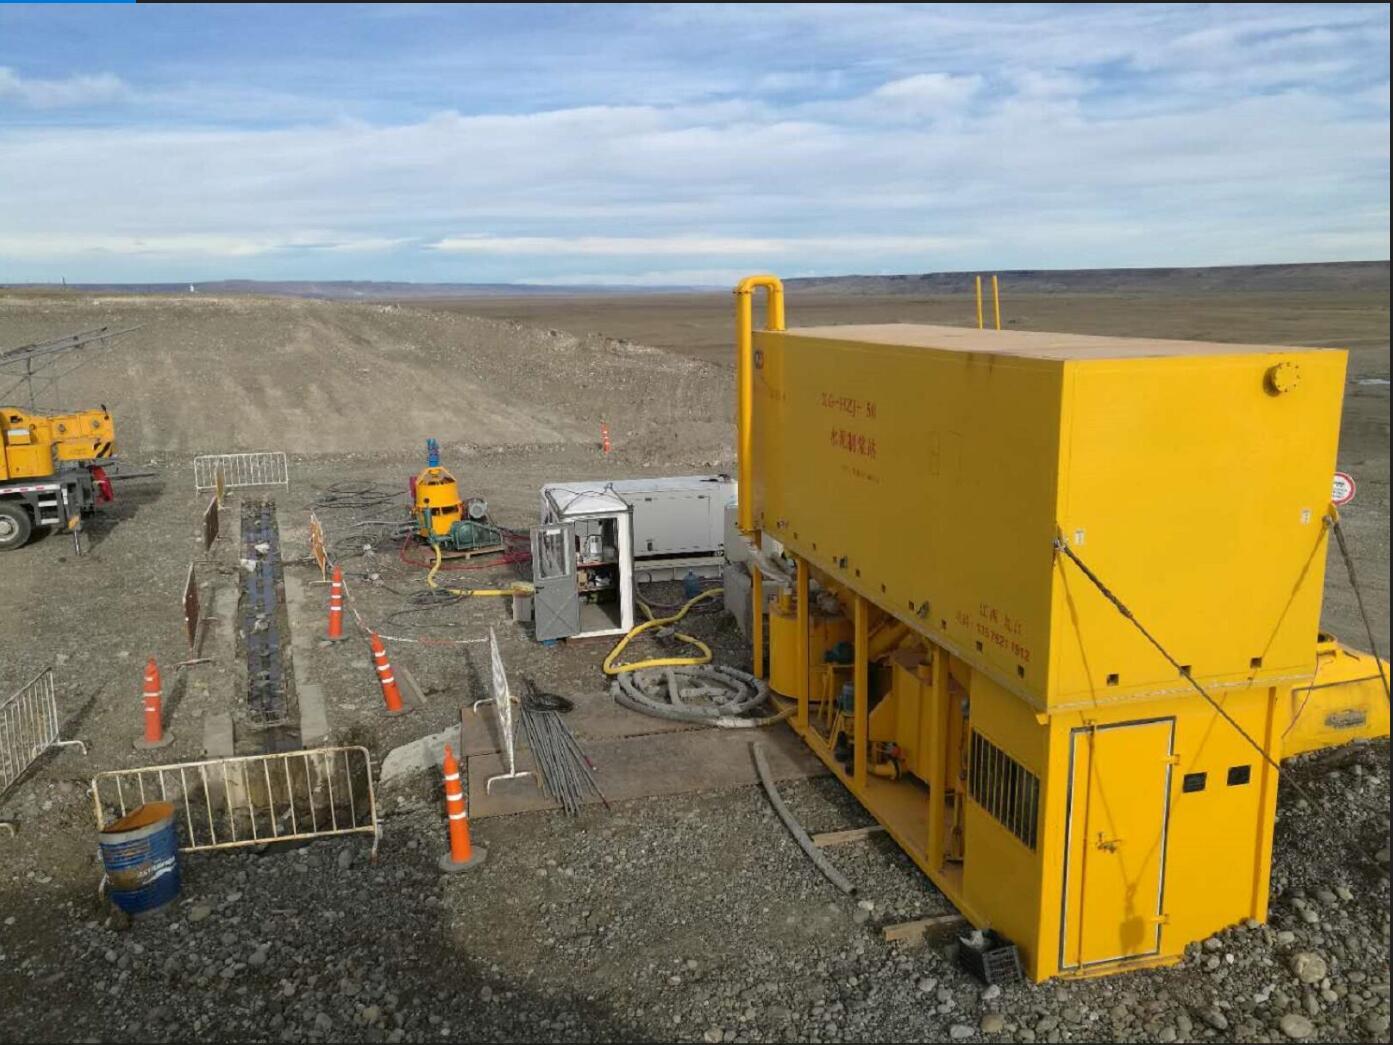 阿根廷圣克鲁斯LB大坝灌浆工程中使用鼎盛华瑞灌浆记录仪